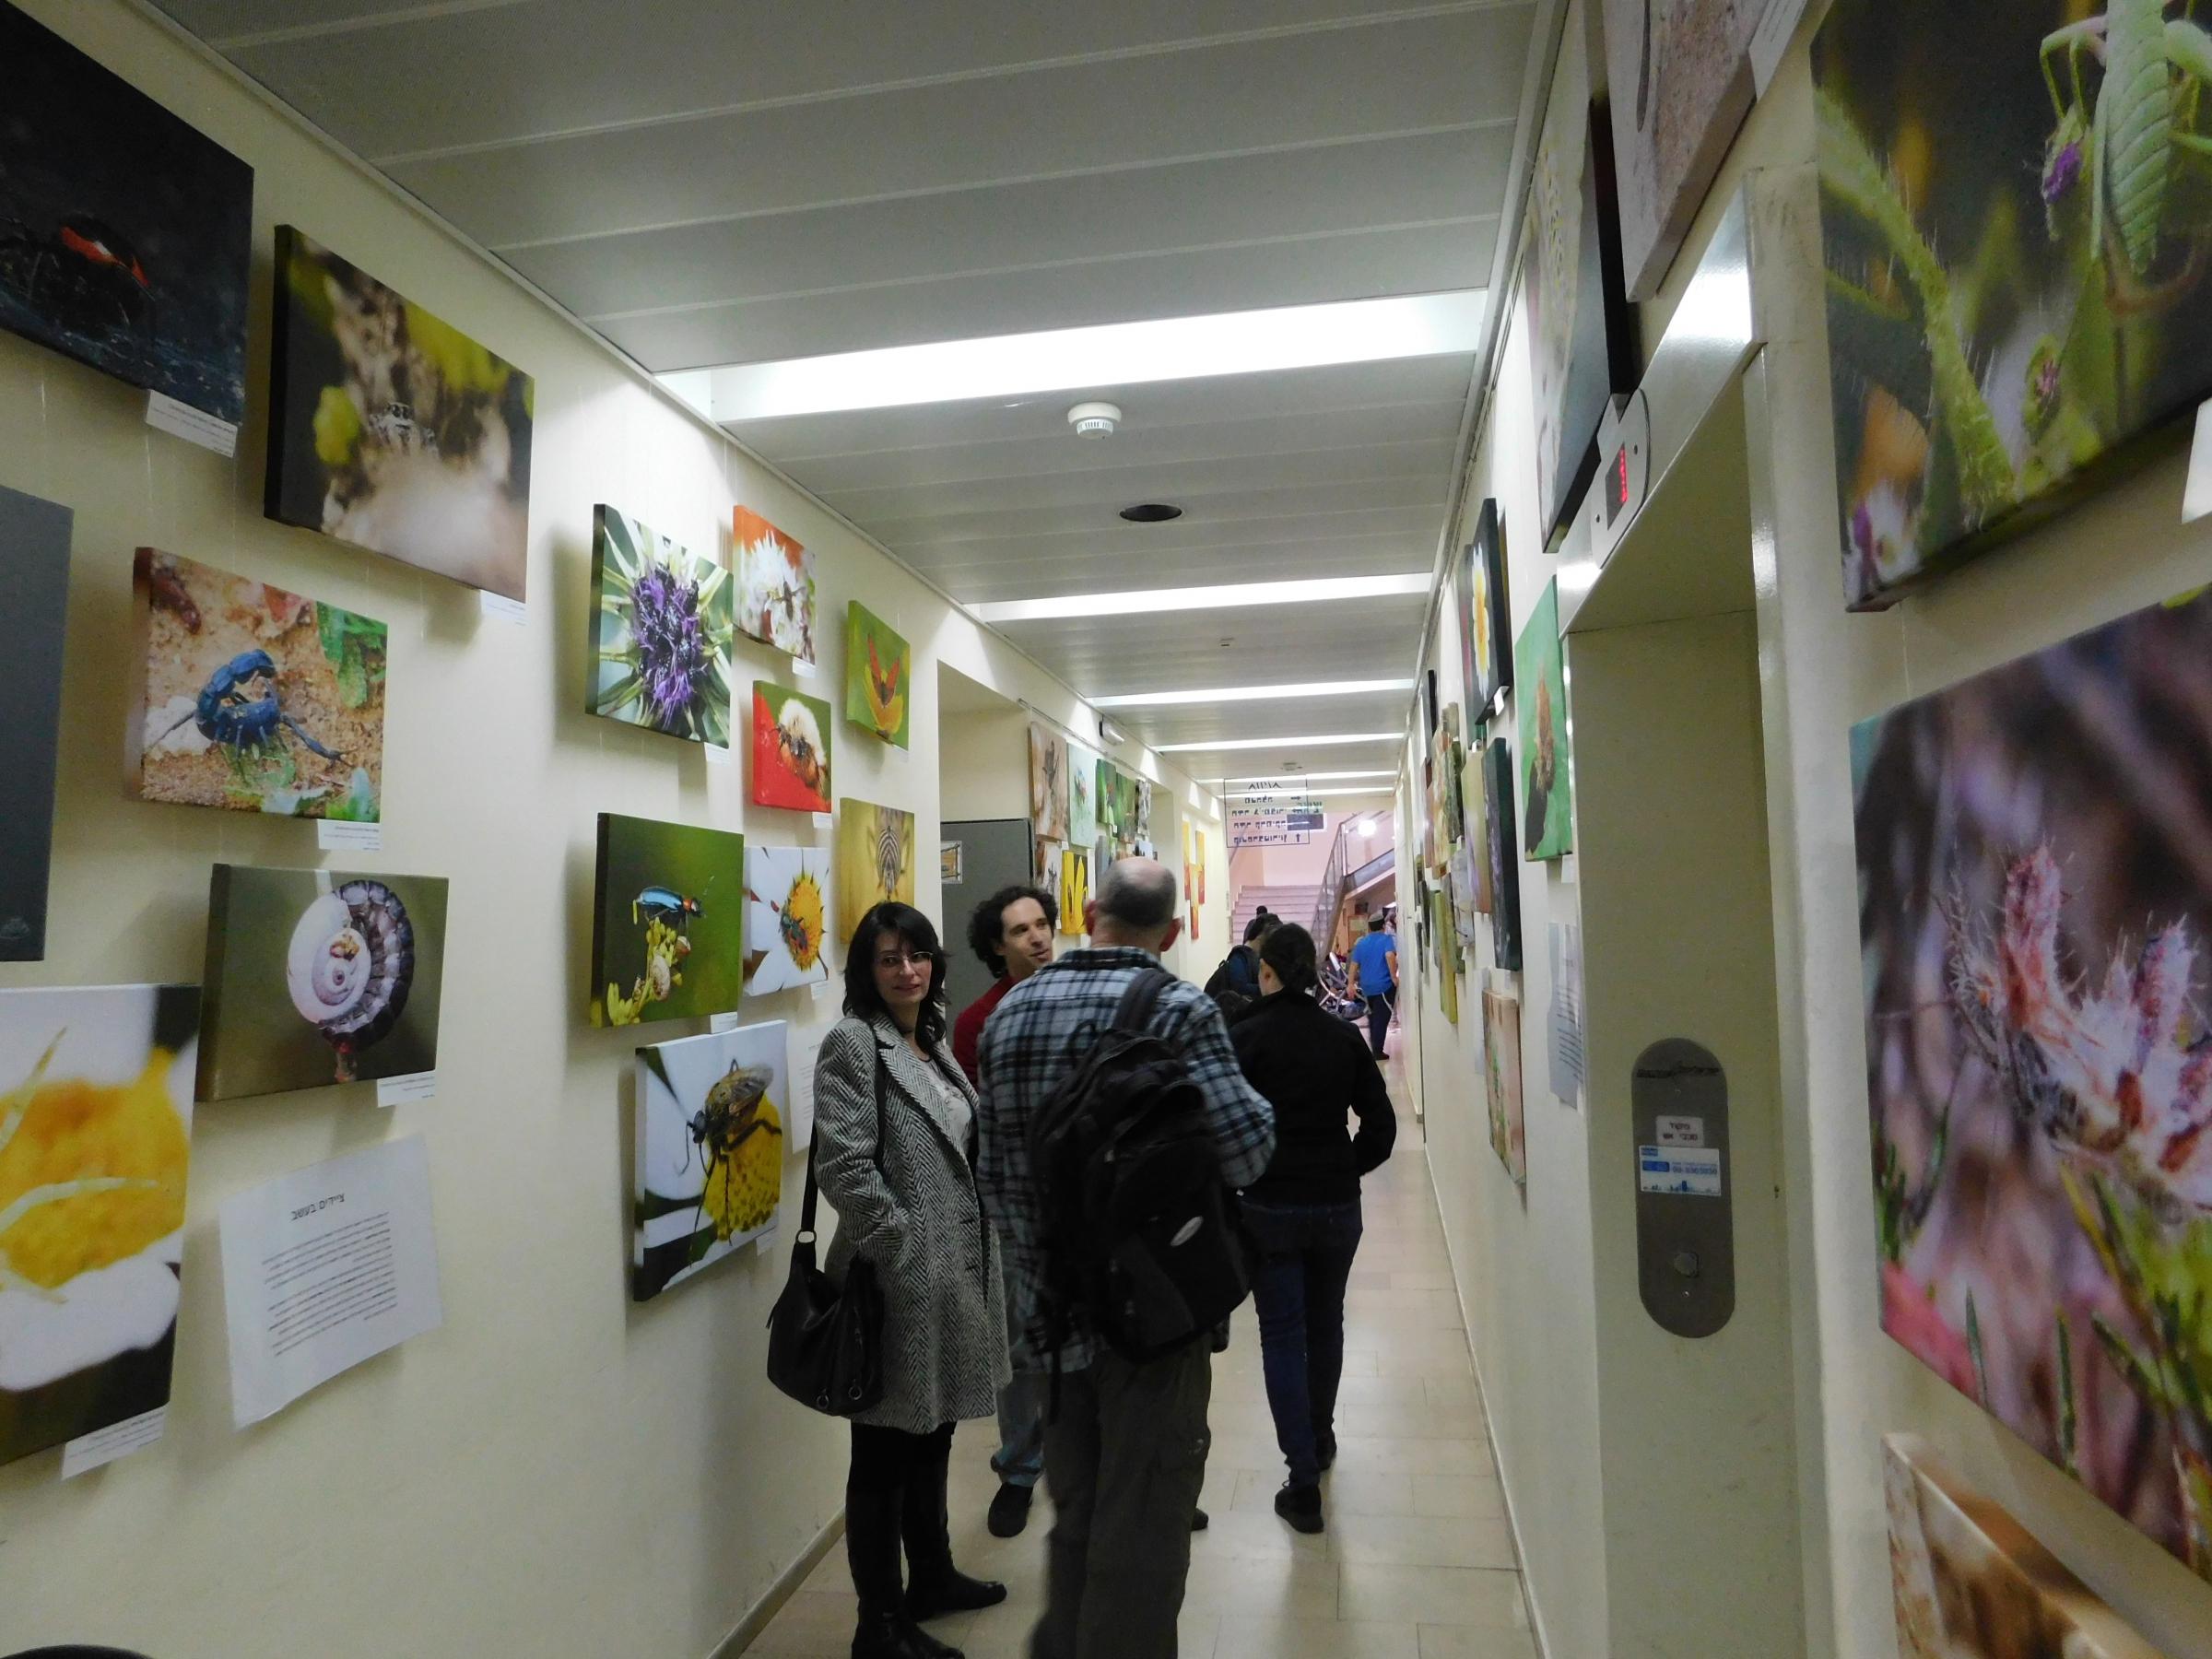 תיעוד שהפך לאמנות. התערוכה הפיזית ביום פתיחתה | צילום: איגור ארמיאץ'-שטיינפרס